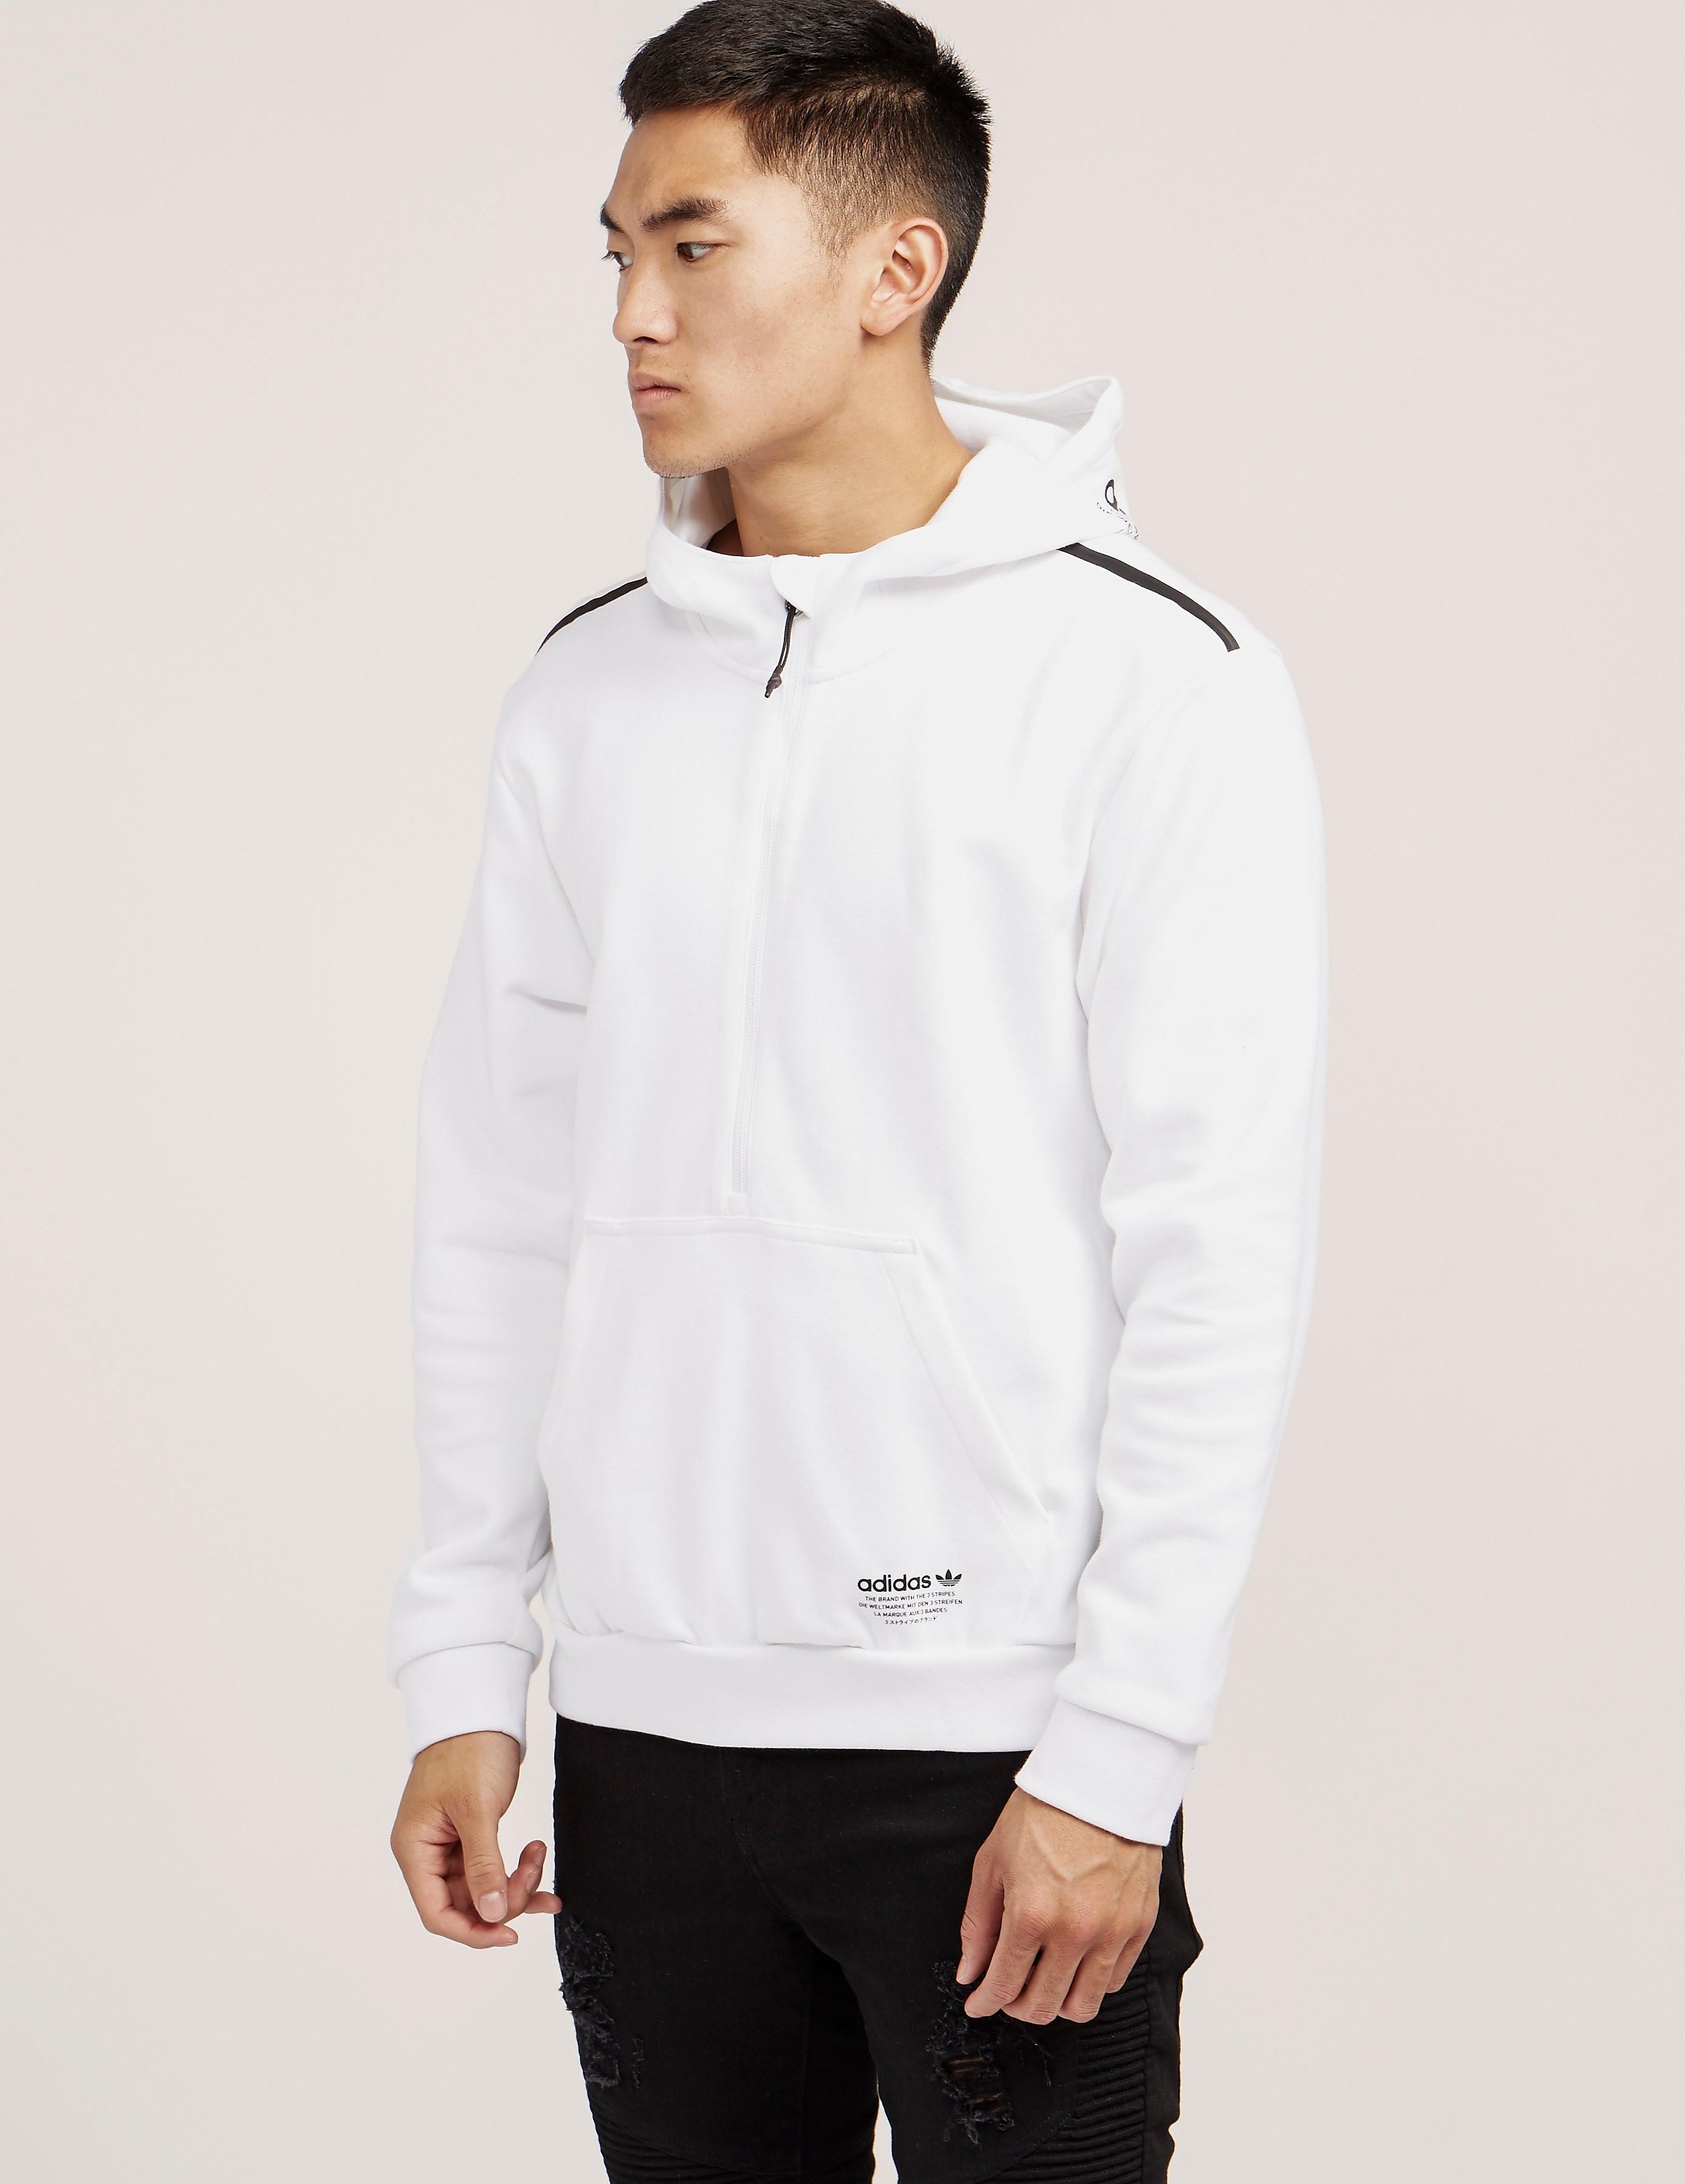 adidas Originals NMD Half Zip Fleece Hoody